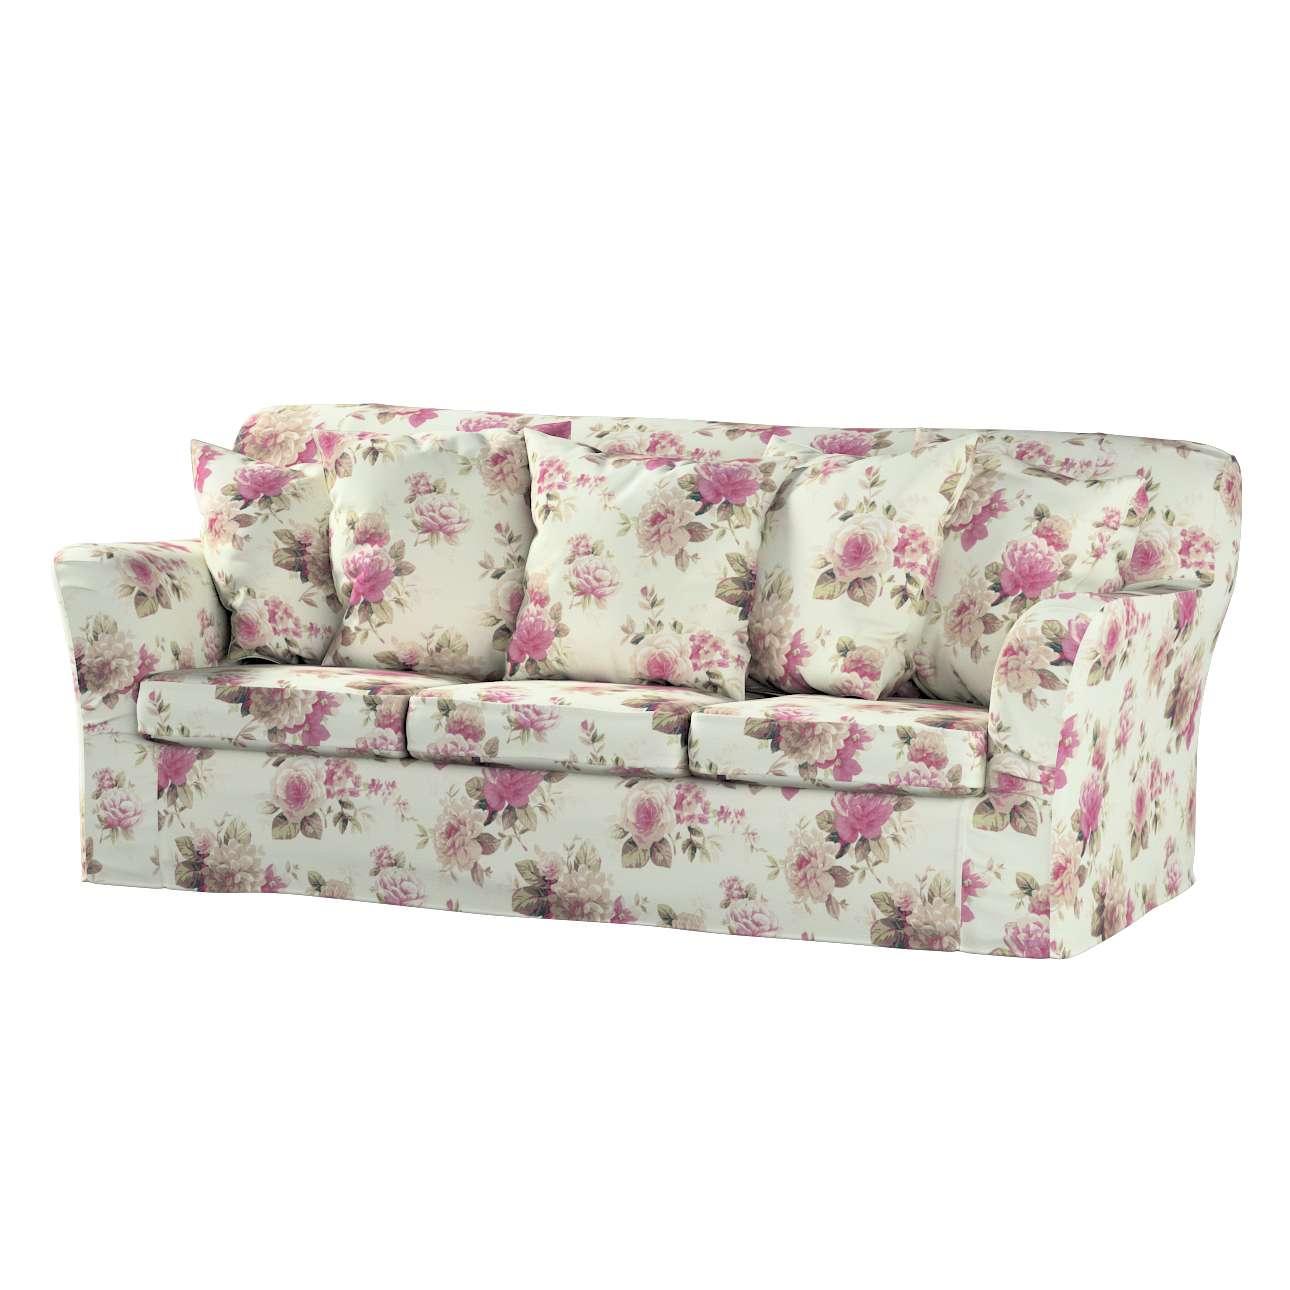 Pokrowiec na sofę Tomelilla 3-osobową nierozkładaną Sofa Tomelilla 3-osobowa w kolekcji Mirella, tkanina: 141-07